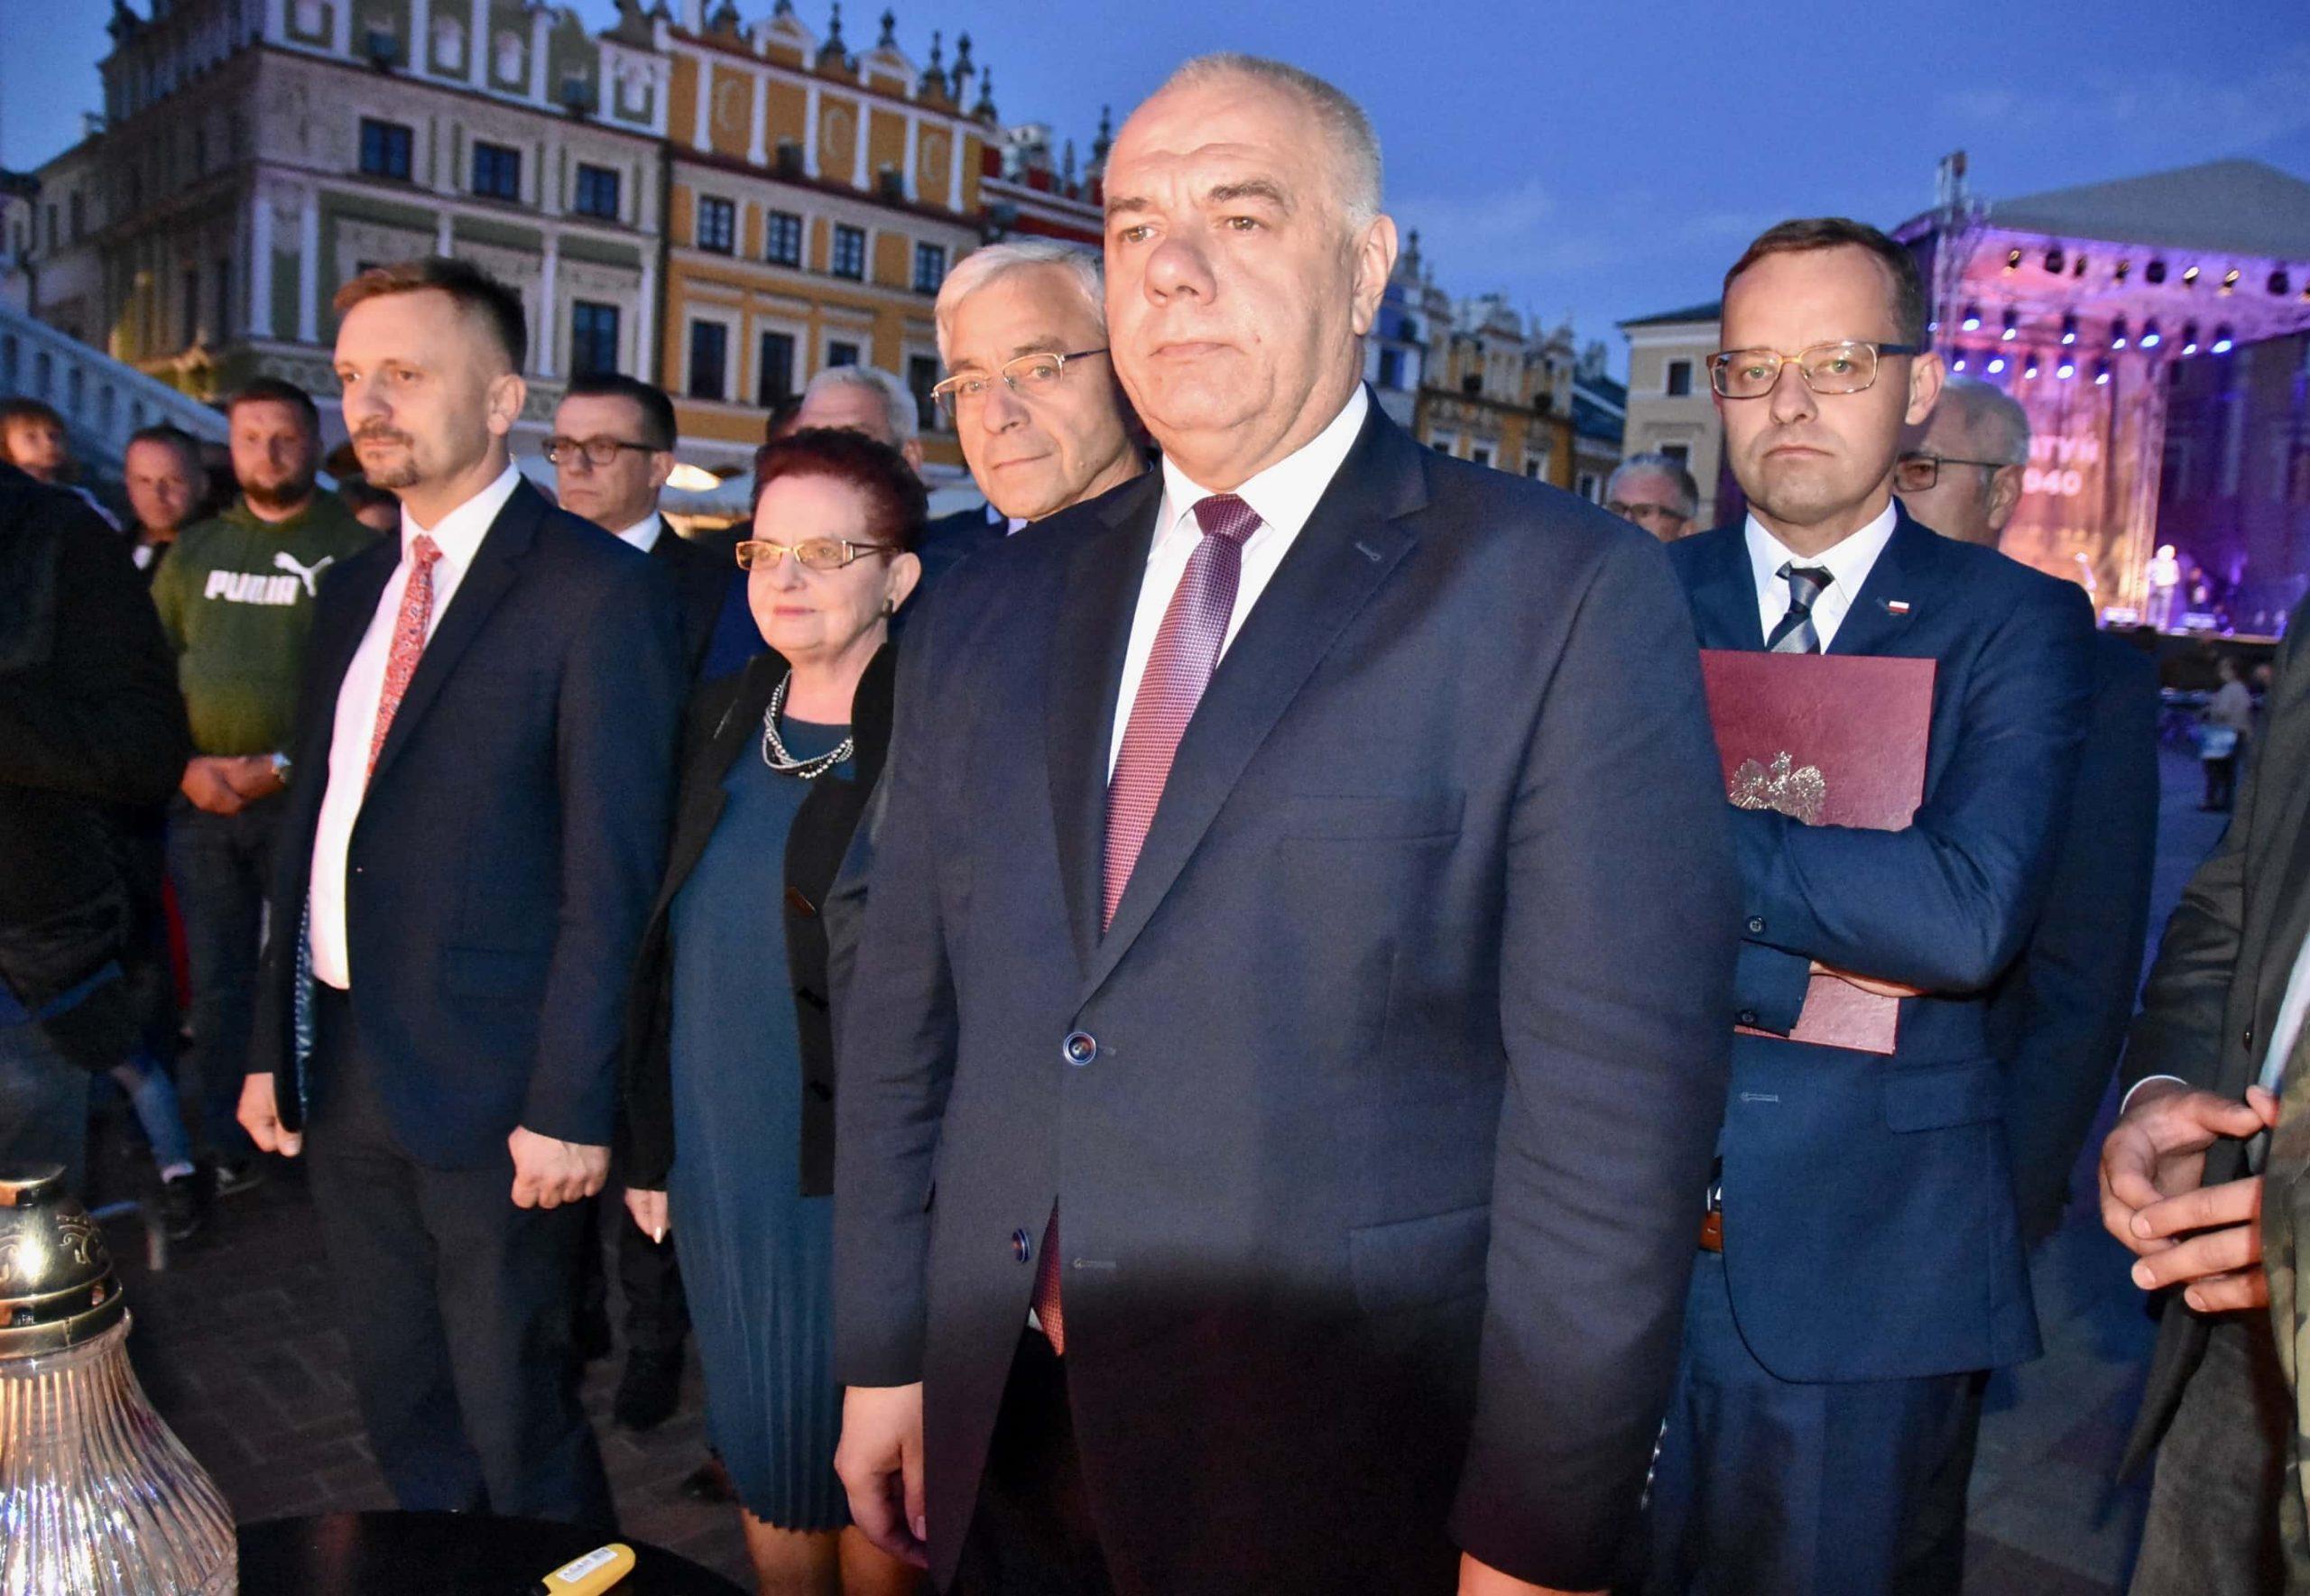 dsc 7560 scaled Tyle zniczy ilu zamordowanych w Katyniu (dużo zdjęć)